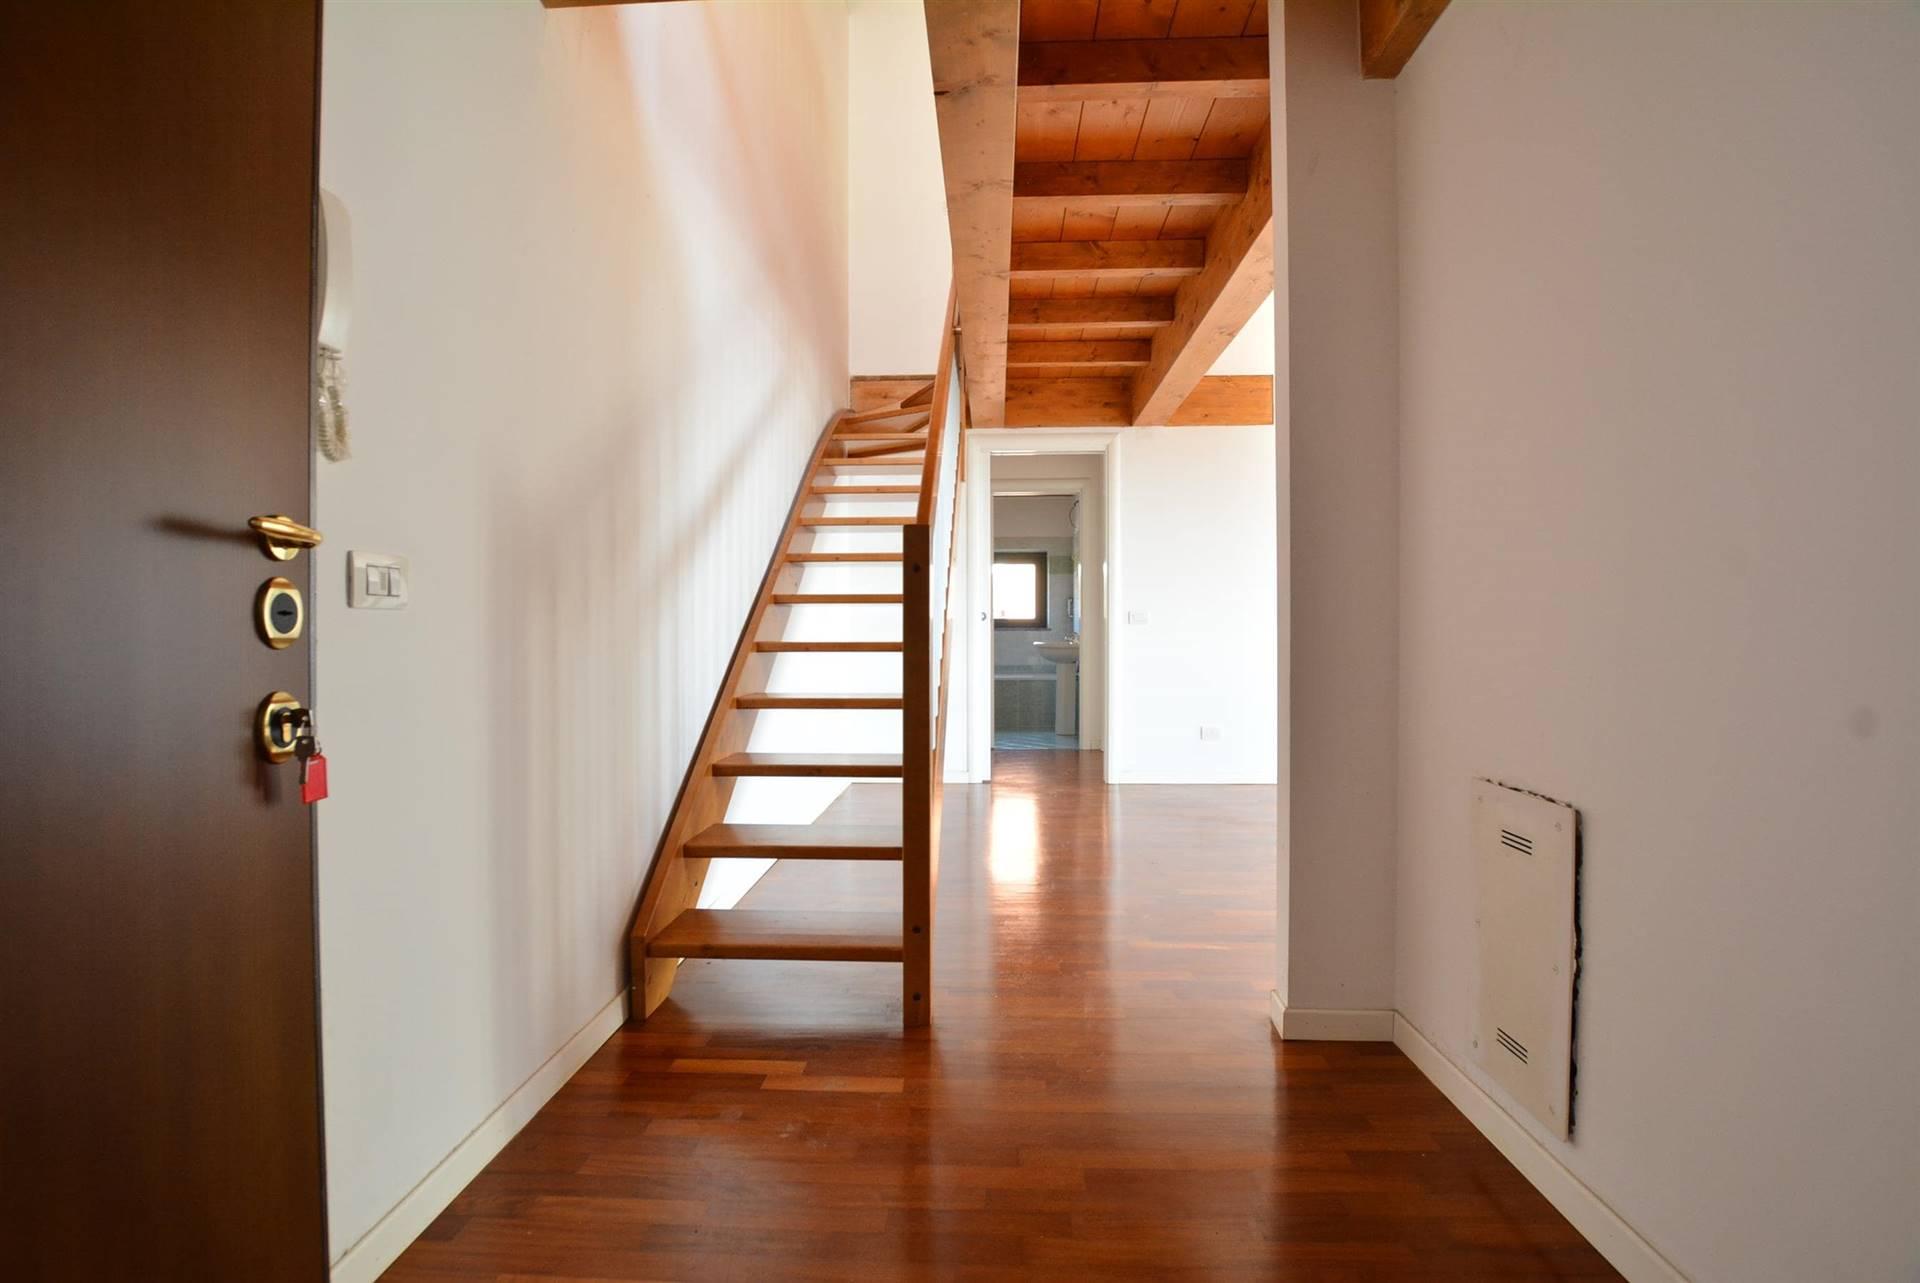 Appartamento in vendita a Miradolo Terme, 2 locali, prezzo € 64.800   CambioCasa.it